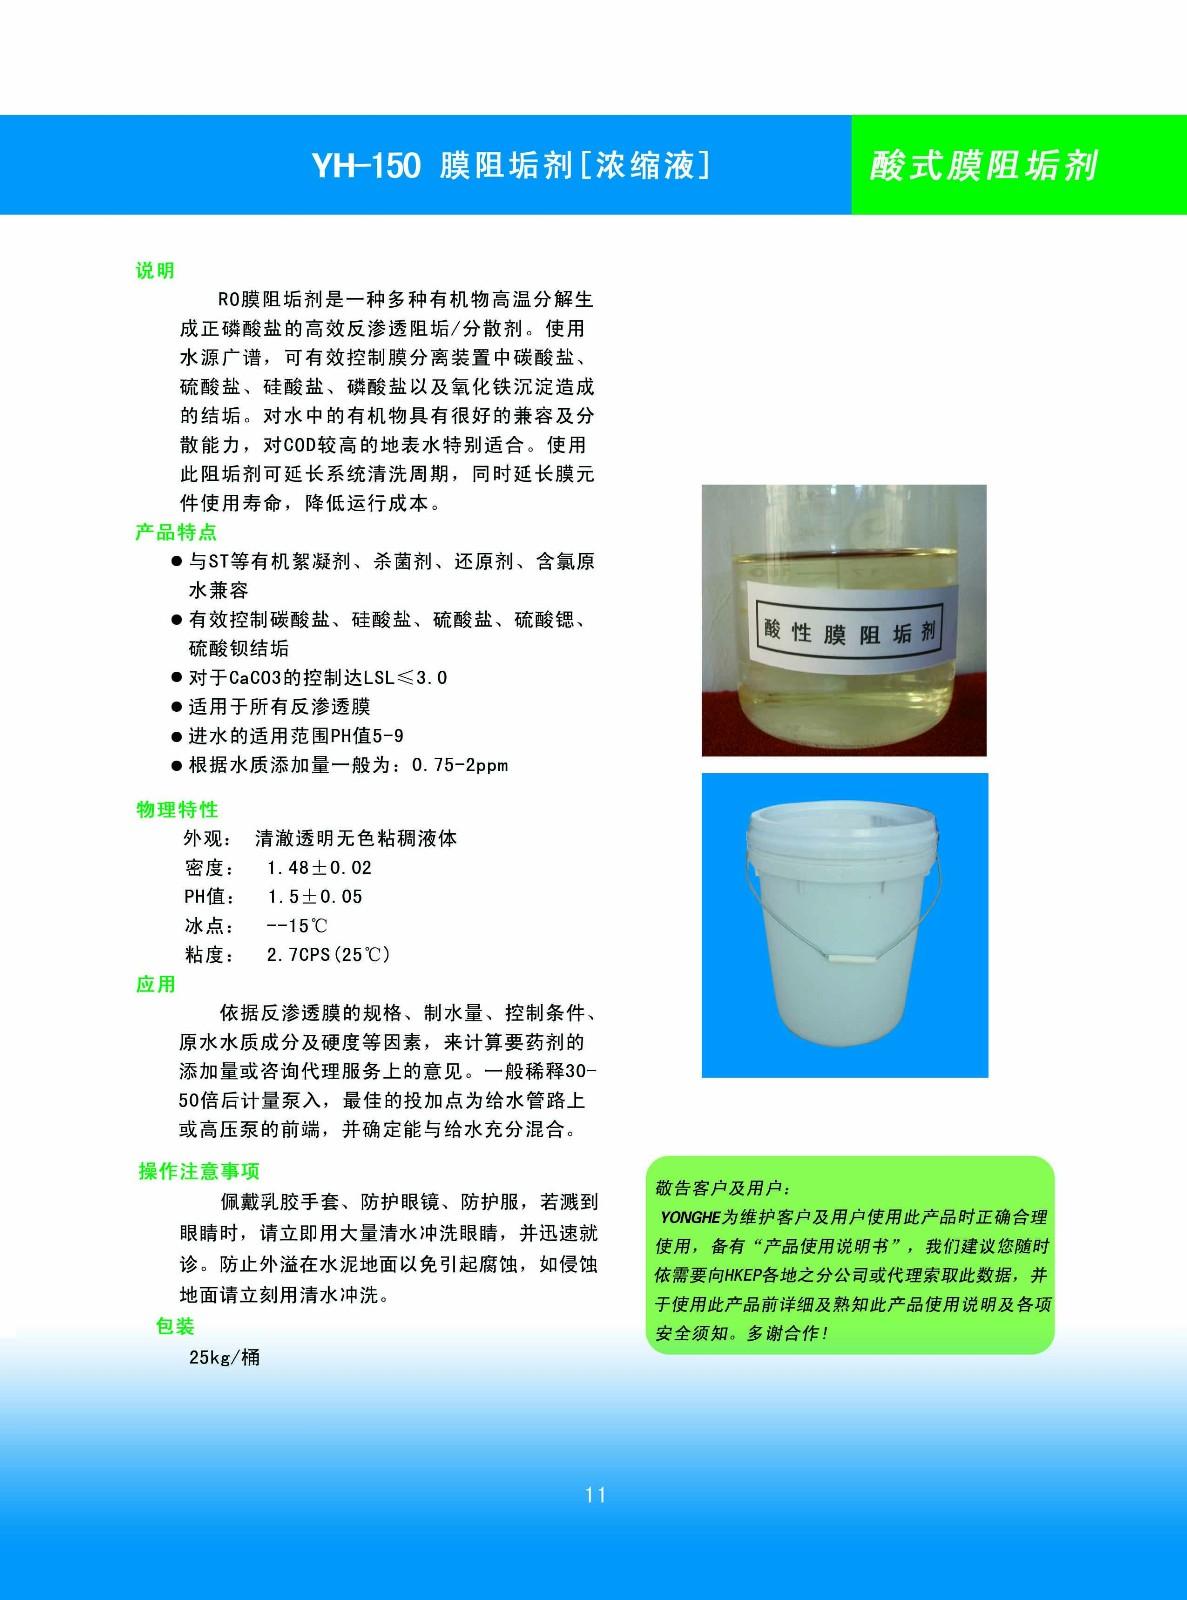 11 YH-150 酸式膜阻垢劑濃縮液.jpg